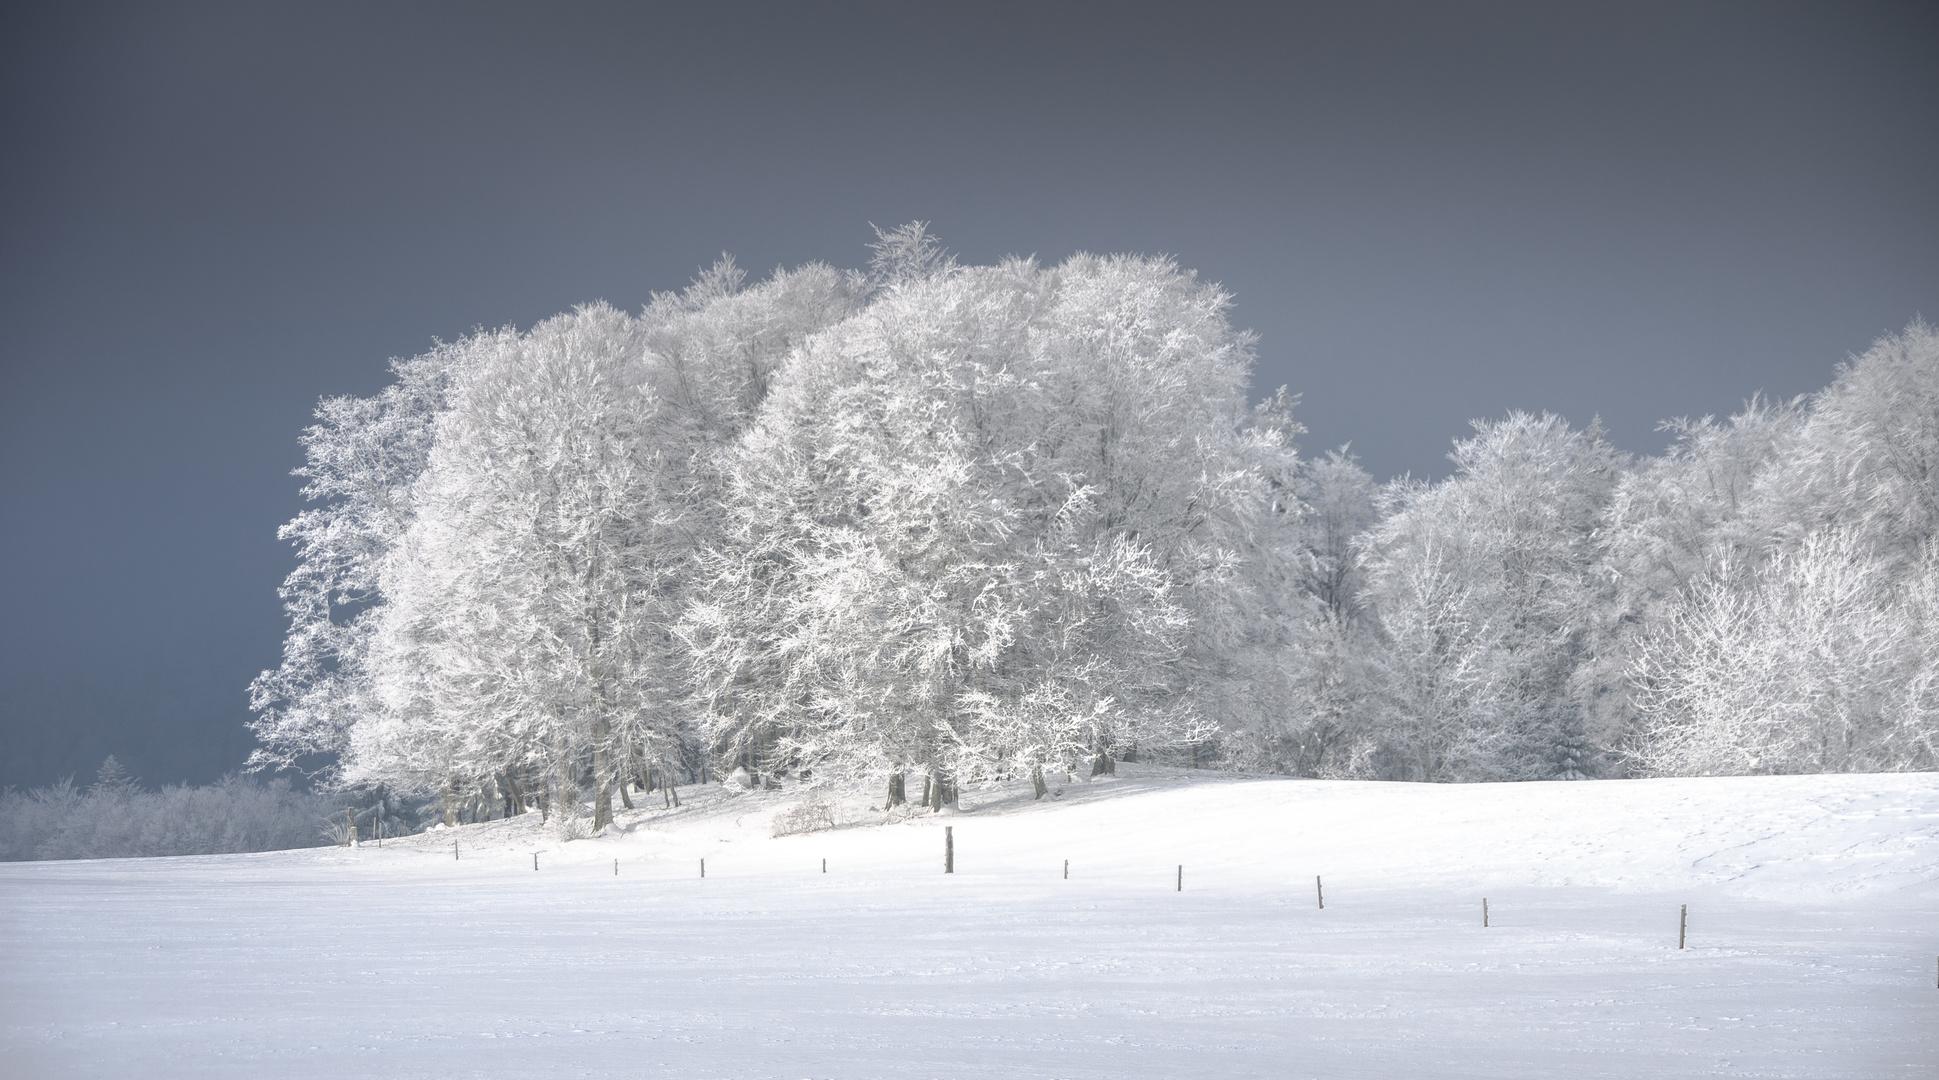 Kalt, kälter, am kältesten ... brrrrrrrrrr